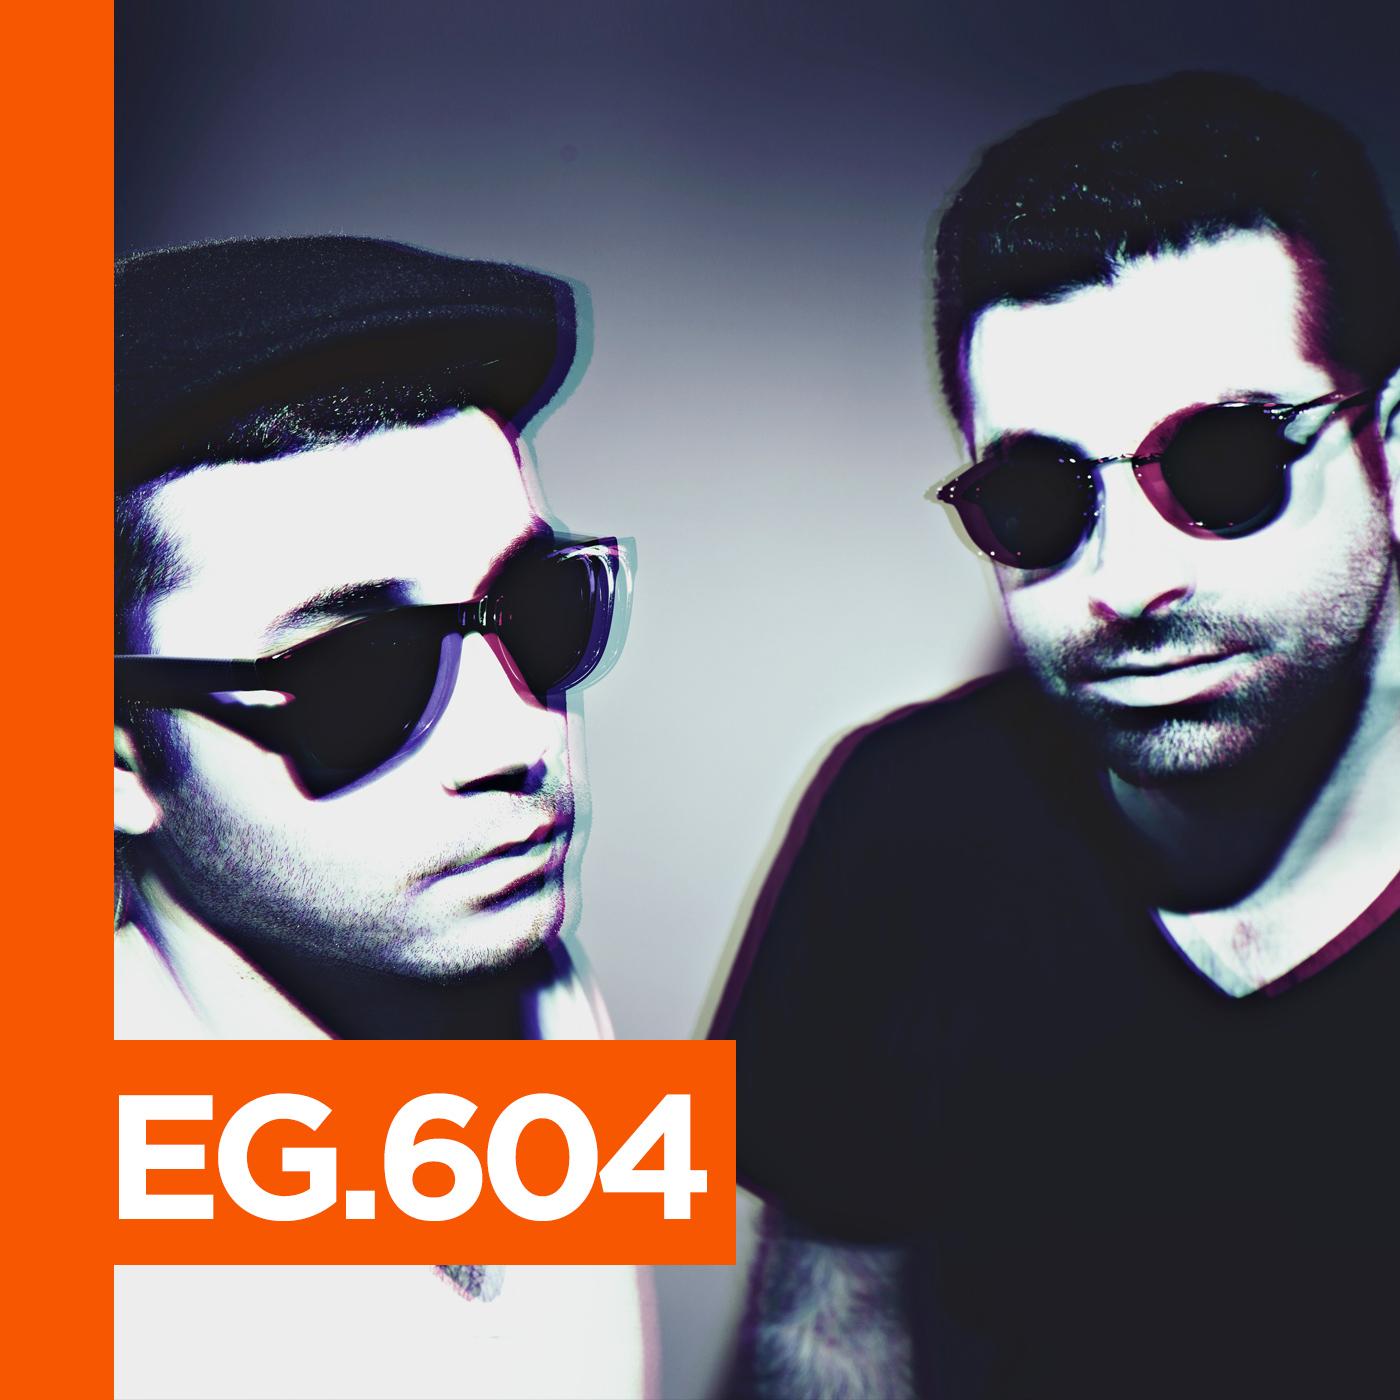 EG.604 Vinyl Mode